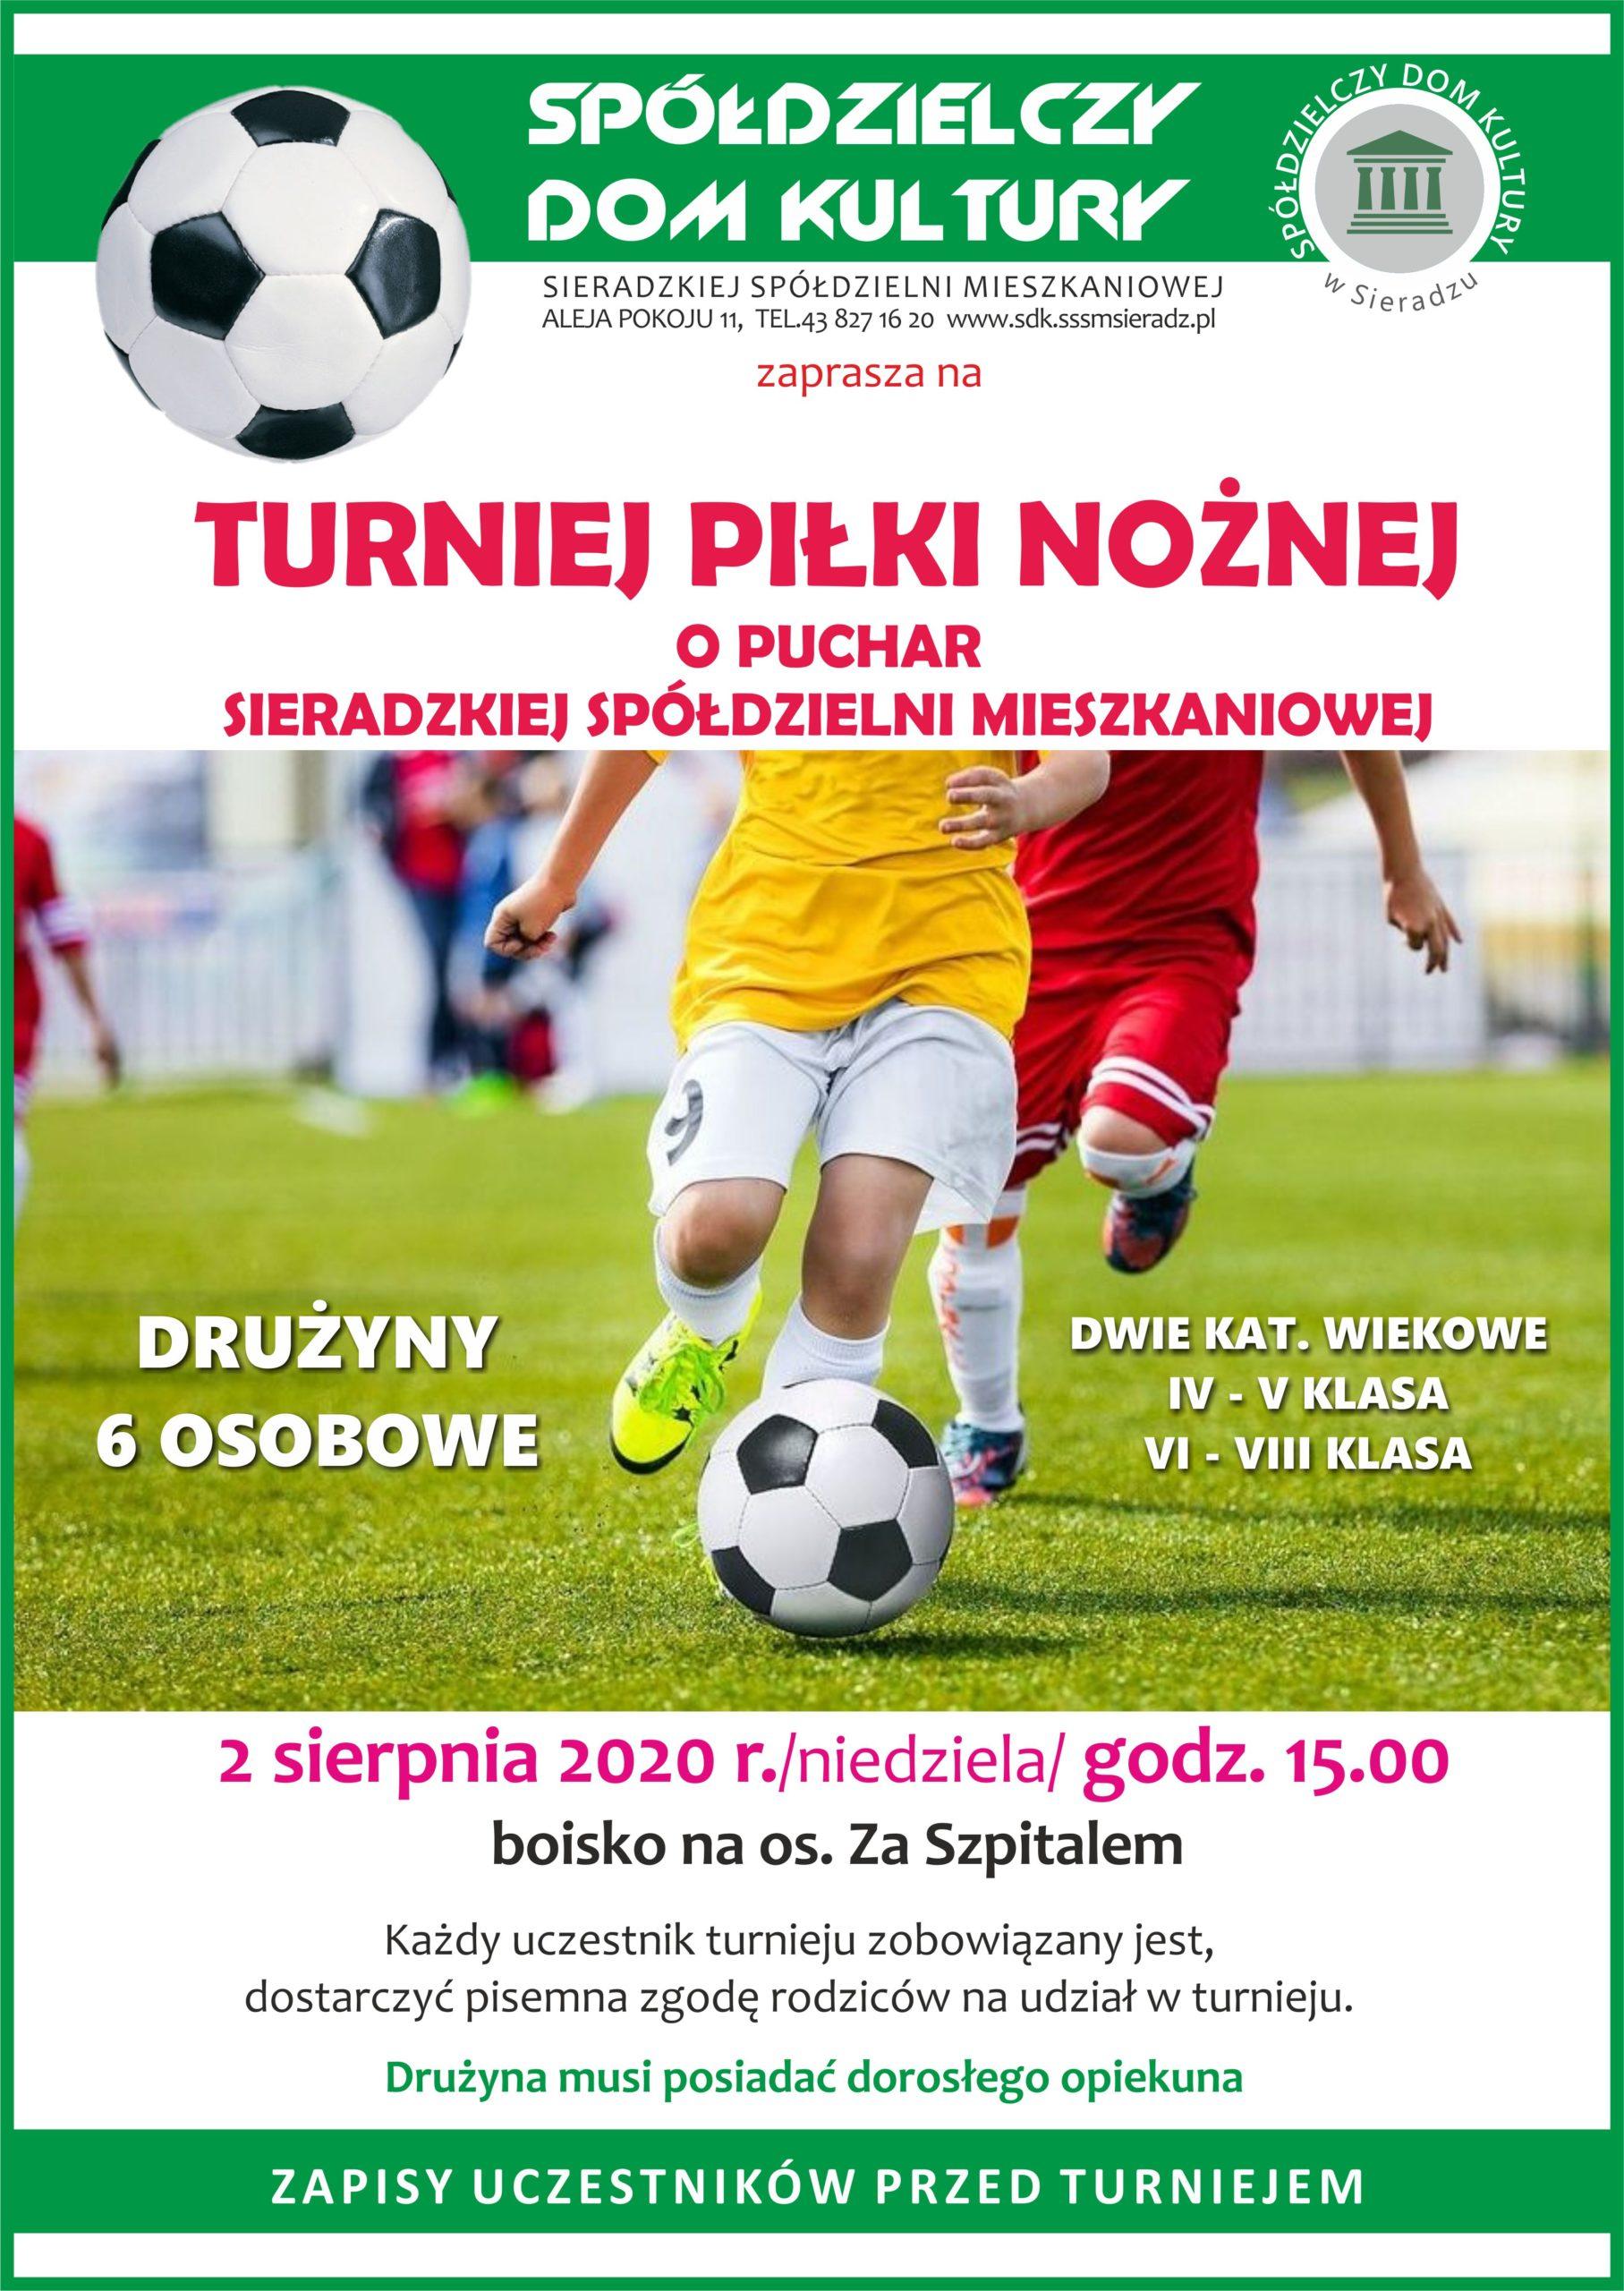 Turniej piłki nożnej – ogłoszenie SDK w Sieradzu